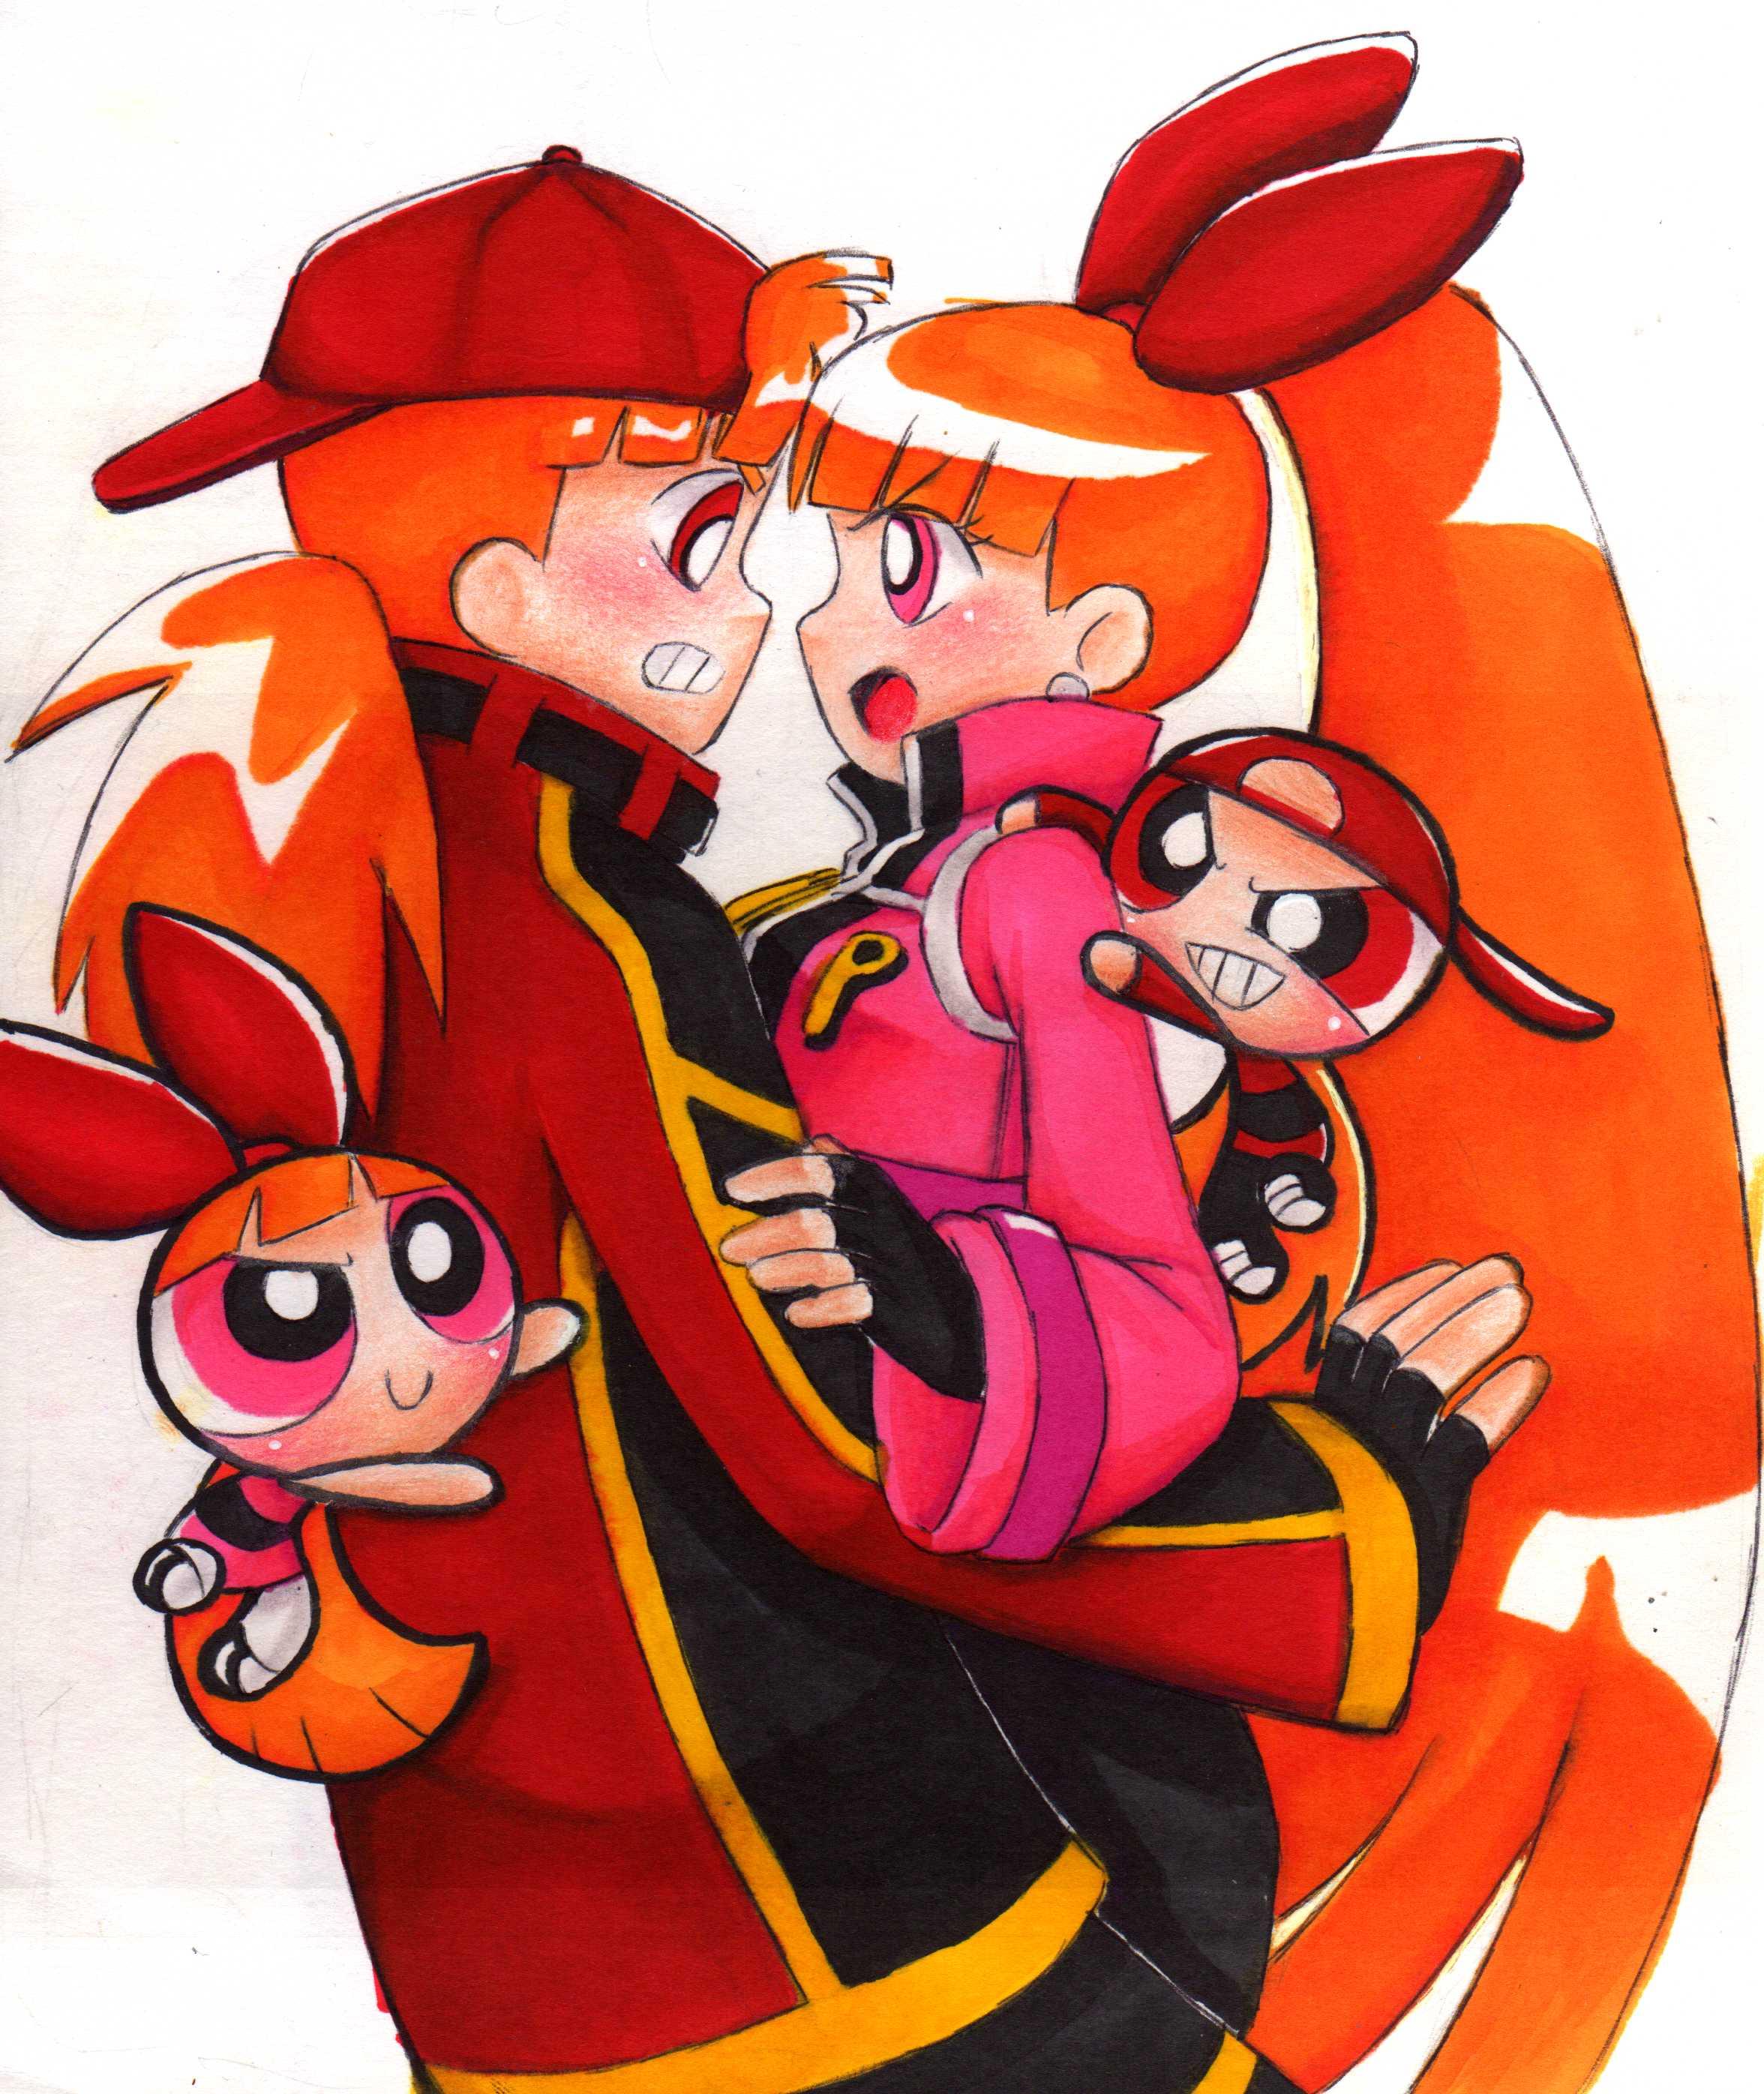 Drawn brick anime  in in Bubbles Brick